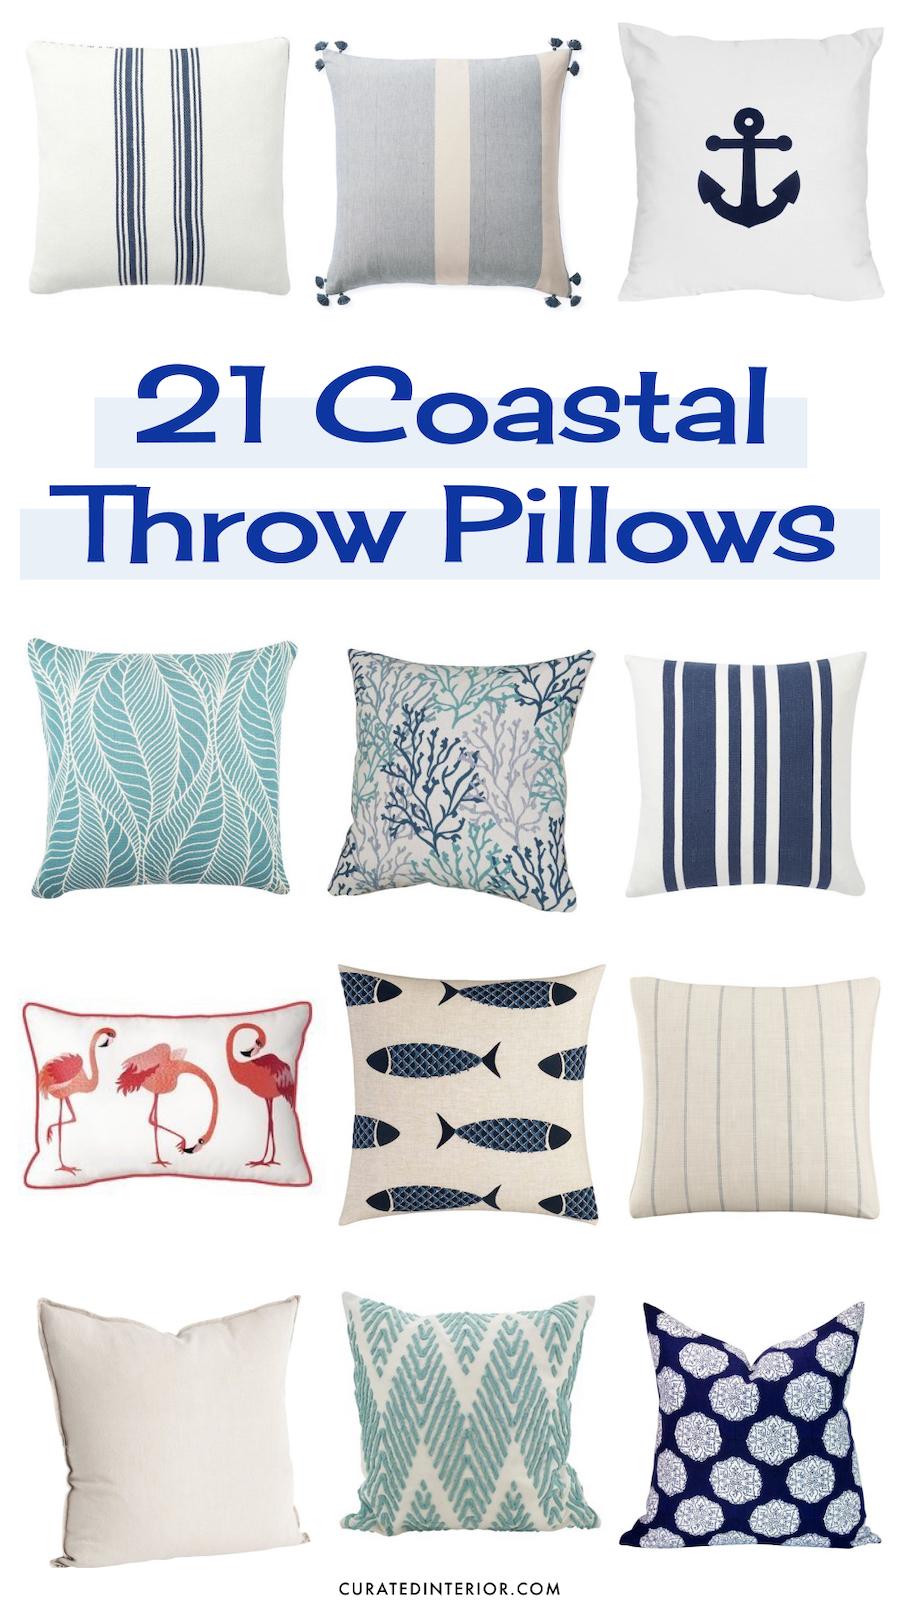 21 Coastal Throw Pillows for a beach home